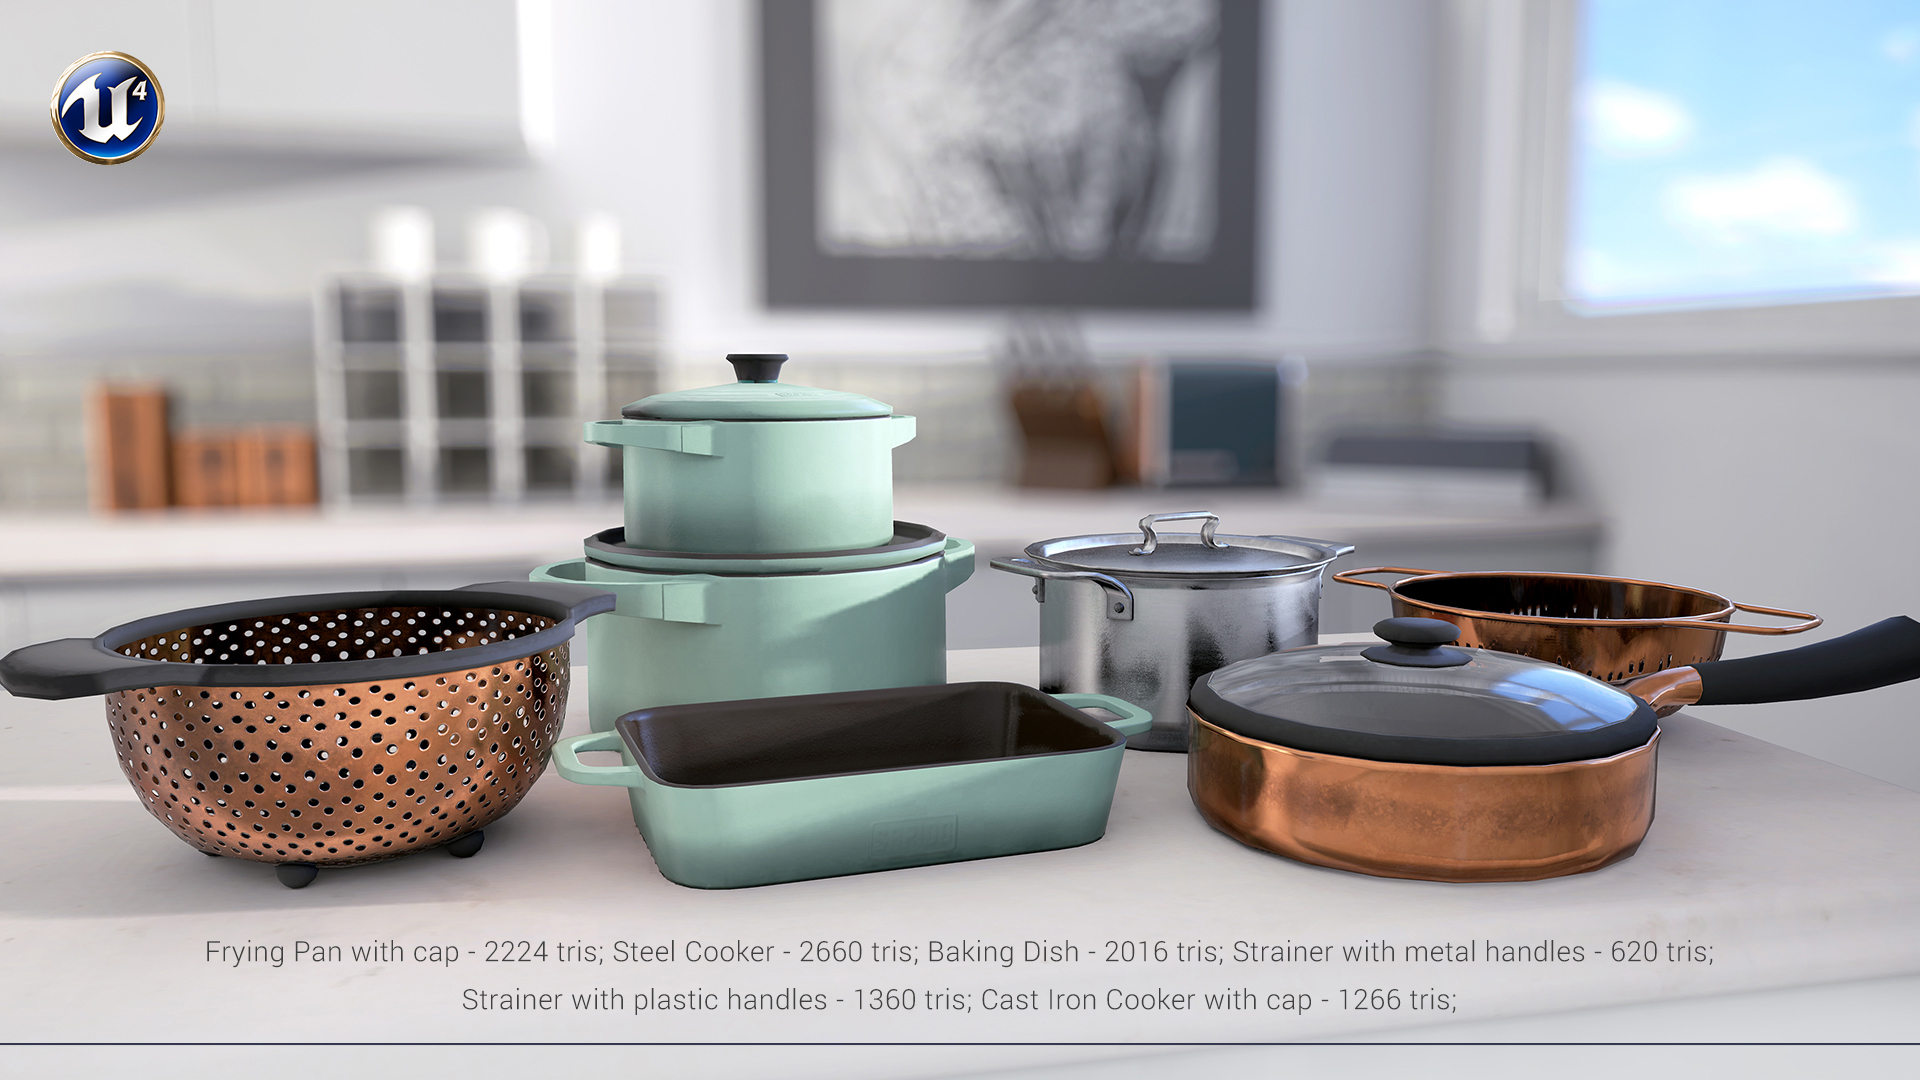 Ann kitchenware Jeffs